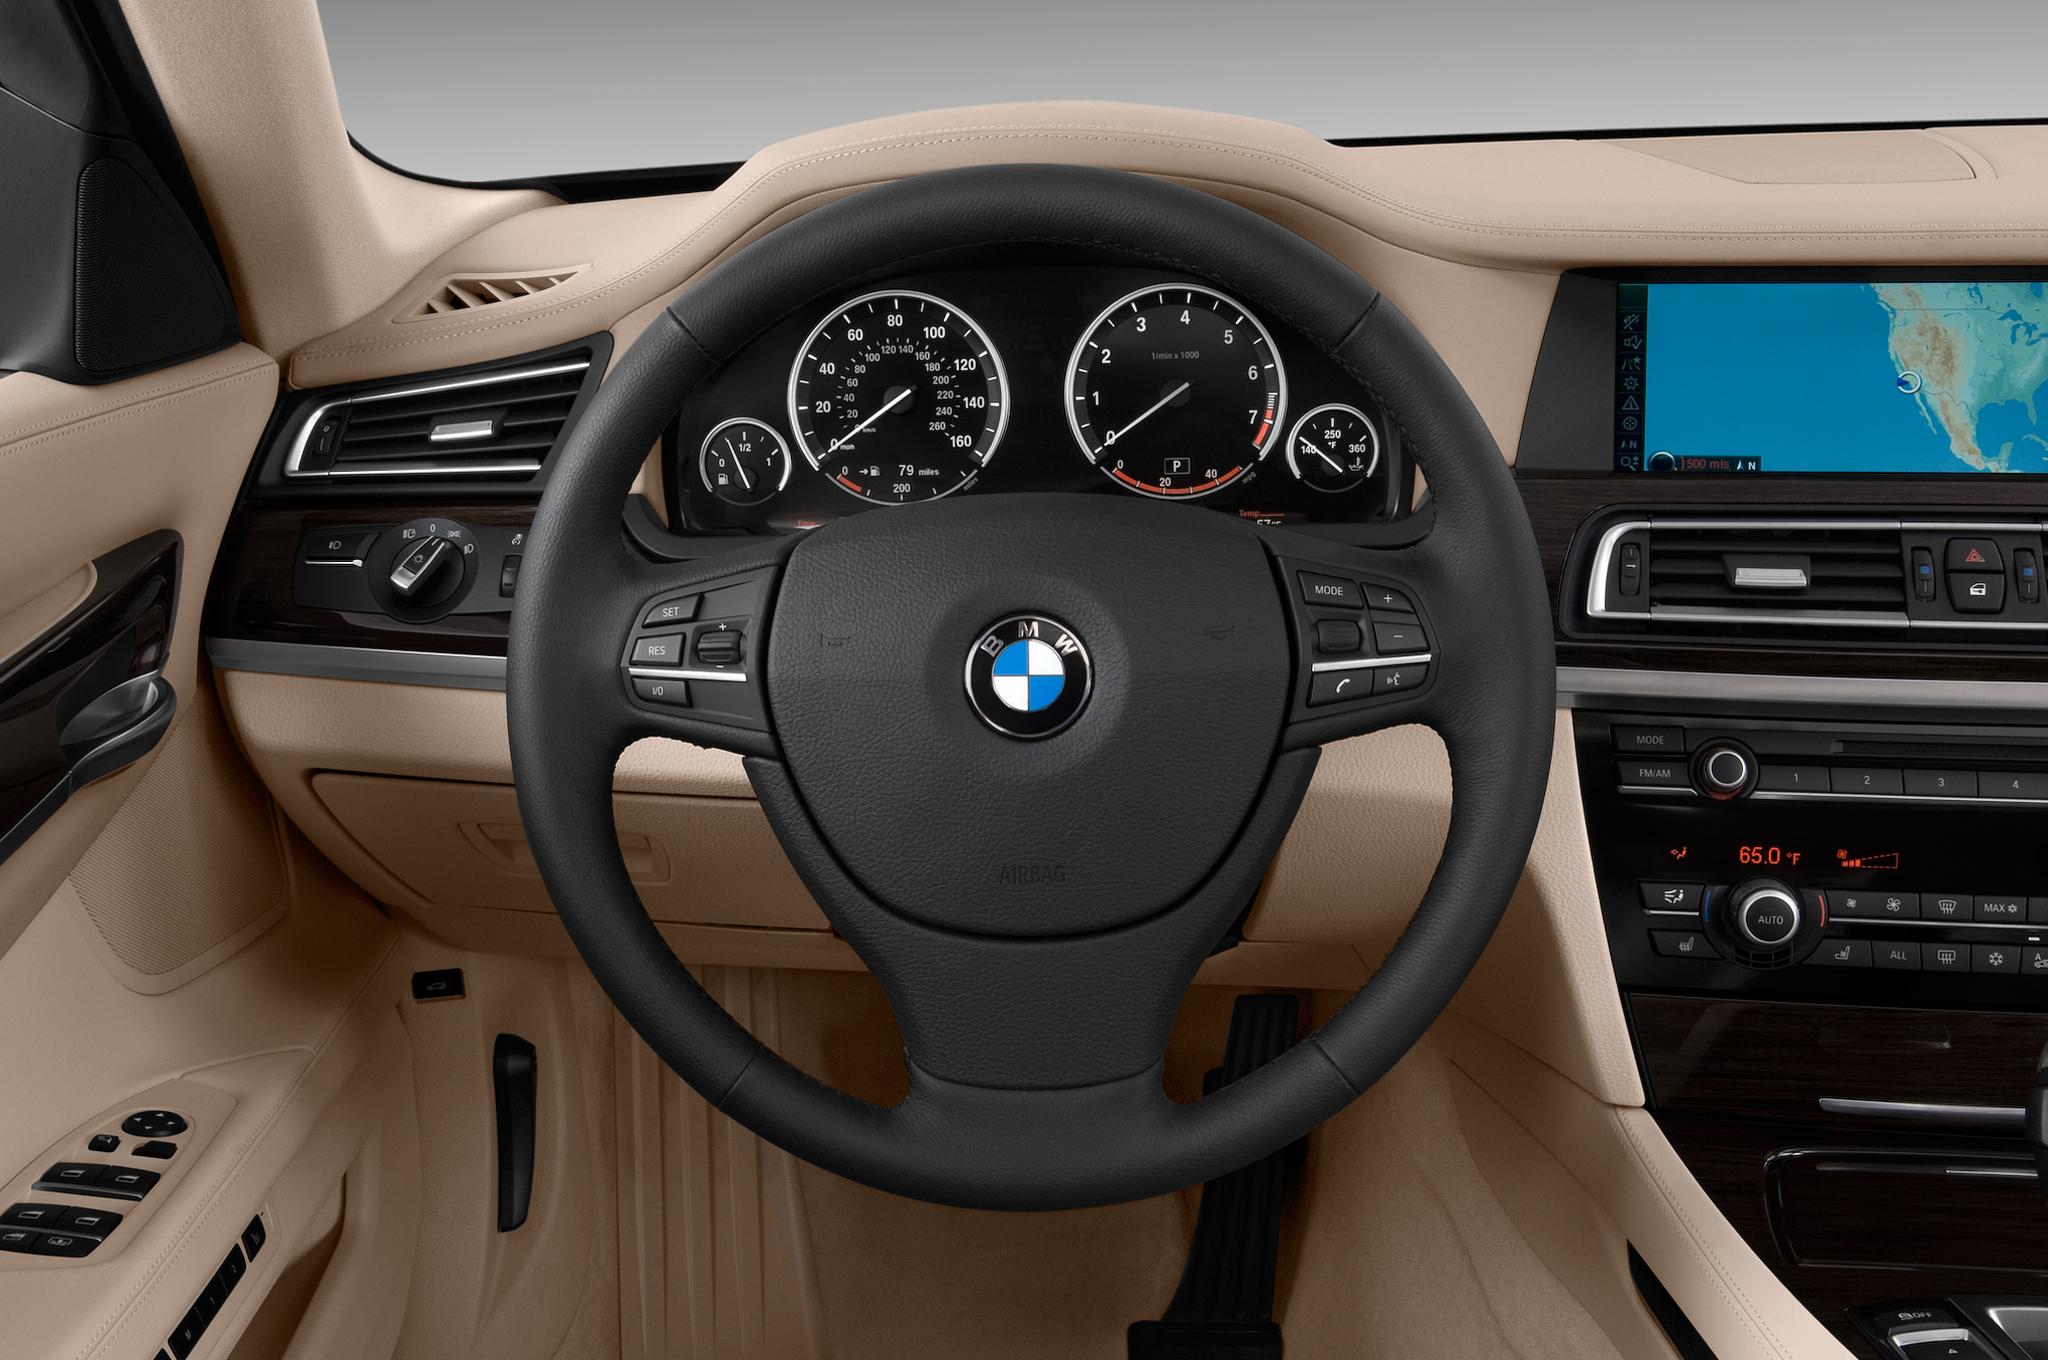 2010 BMW 750Li xDrive - BMW 7 Series Luxury Sedan Review